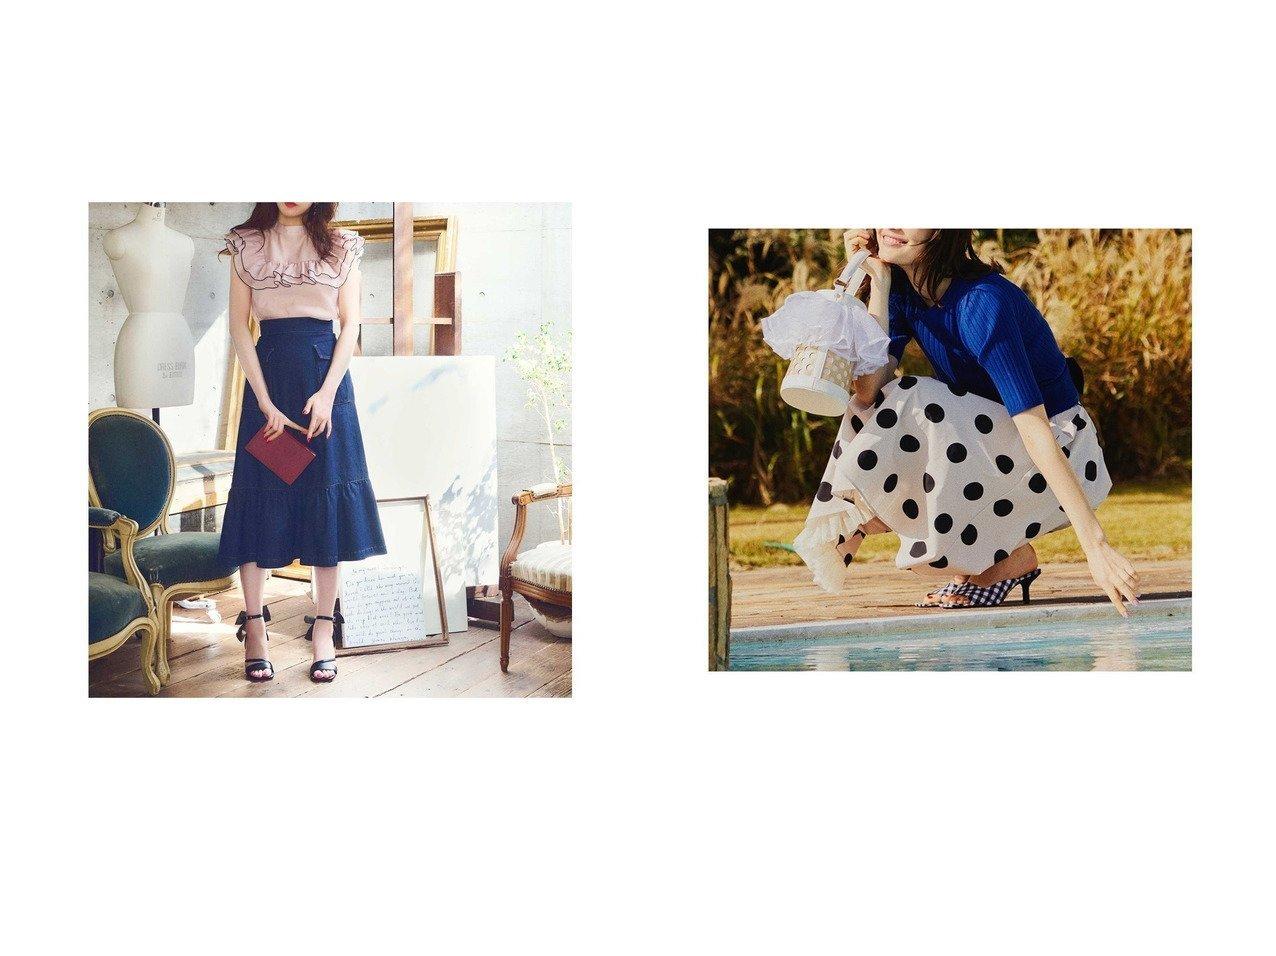 【31 Sons de mode/トランテアン ソン ドゥ モード】の裾チュールミディ丈柄スカート&裾切替デニムロングスカート 【スカート】おすすめ!人気、トレンド・レディースファッションの通販 おすすめで人気の流行・トレンド、ファッションの通販商品 インテリア・家具・メンズファッション・キッズファッション・レディースファッション・服の通販 founy(ファニー) https://founy.com/ ファッション Fashion レディースファッション WOMEN スカート Skirt ロングスカート Long Skirt 春 Spring 切替 デニム フェミニン 2021年 2021 S/S・春夏 SS・Spring/Summer 2021春夏・S/S SS/Spring/Summer/2021 夏 Summer ギャザー ギンガム チュール ドット フレア |ID:crp329100000047533